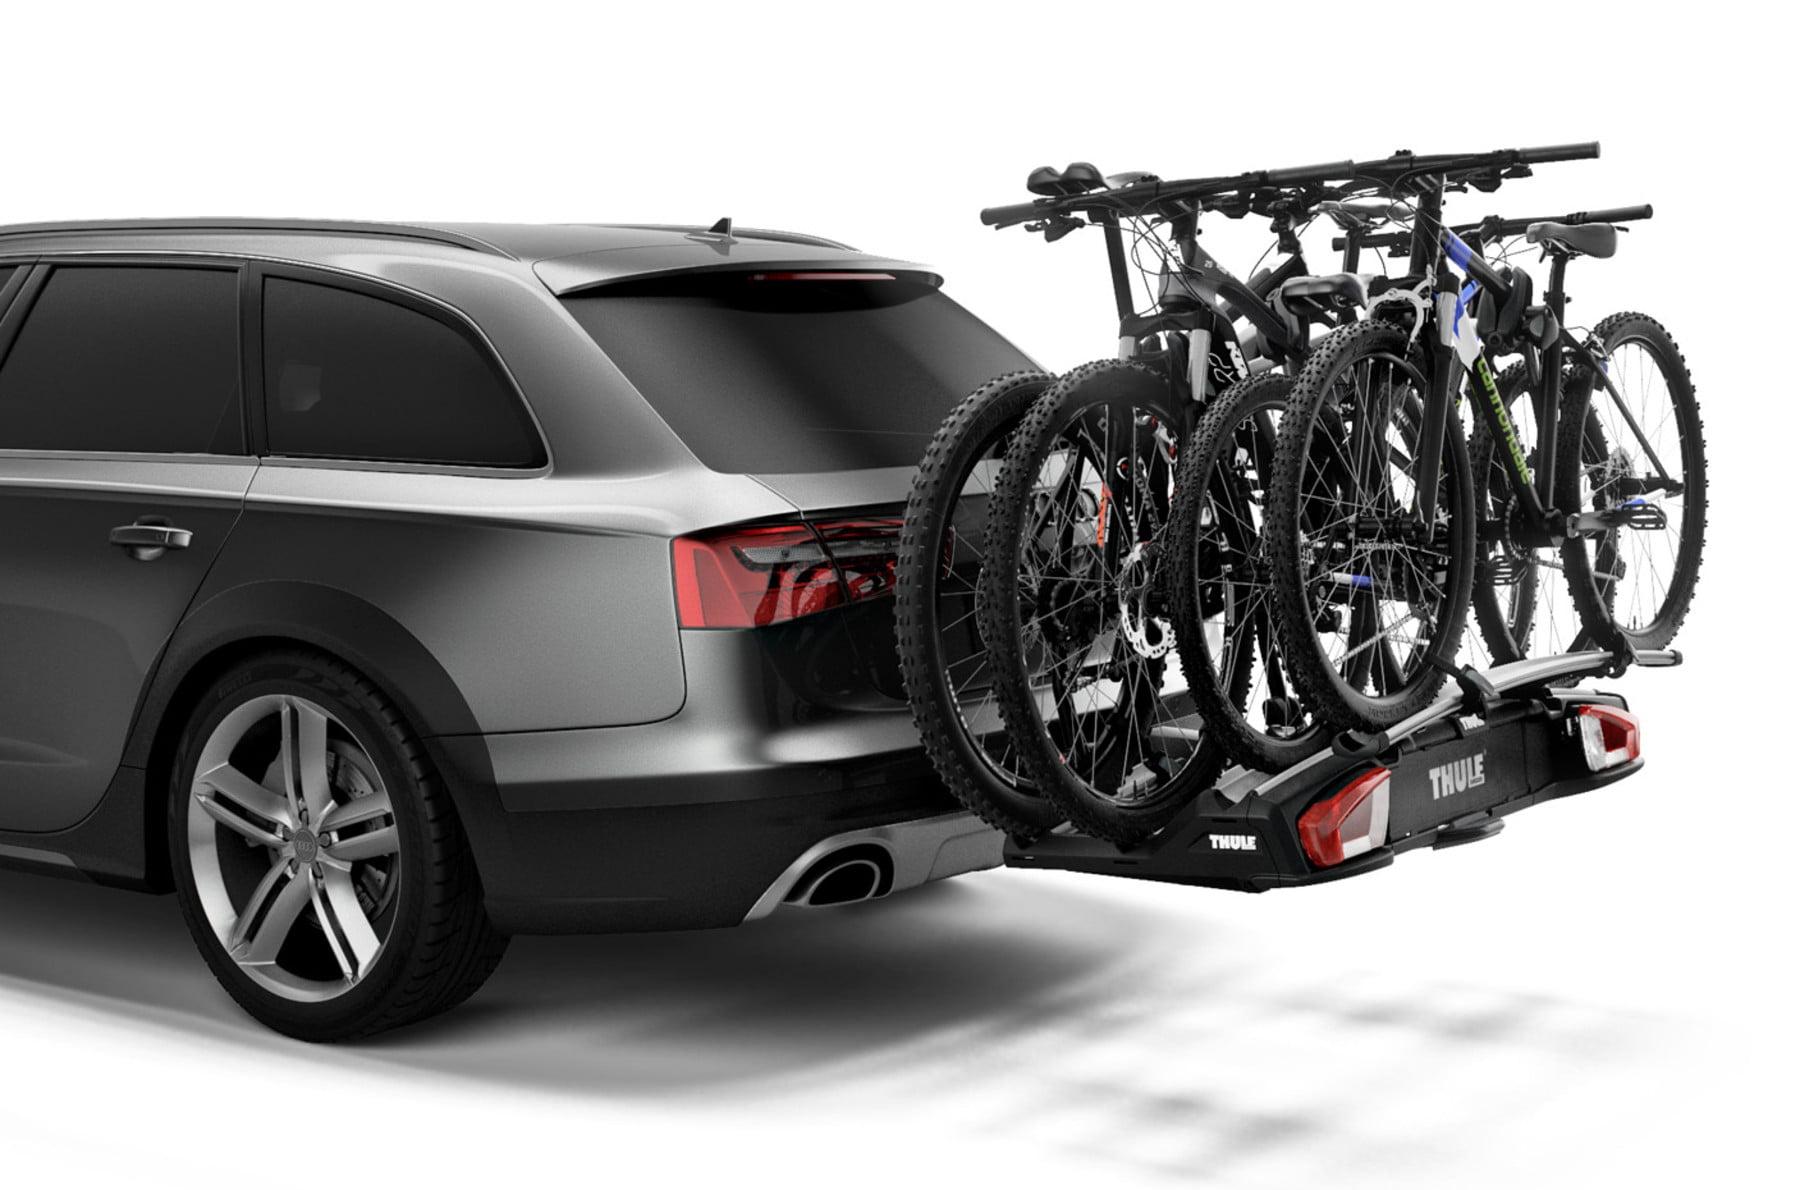 Suport pentru 3 biciclete Thule VeloSpace 939 XT3 cu prindere pe carligul de remorcare 10